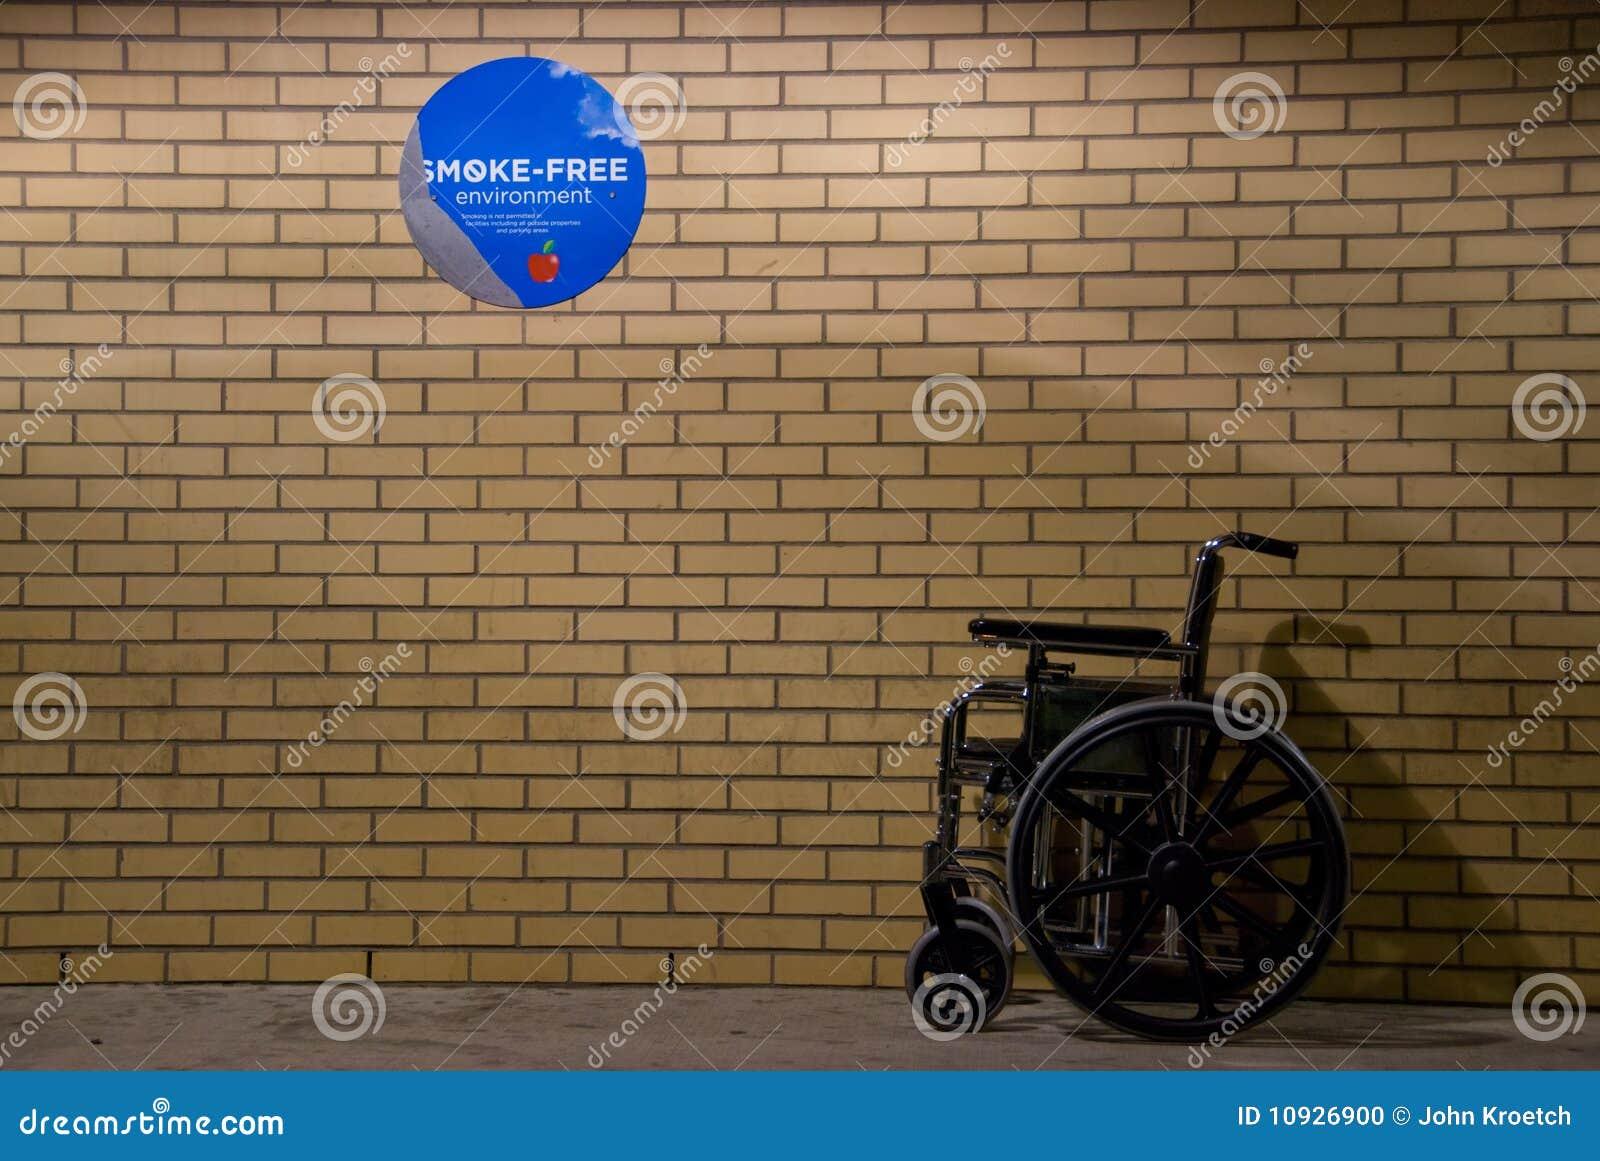 отсутствие кресло-коляскы знака куря